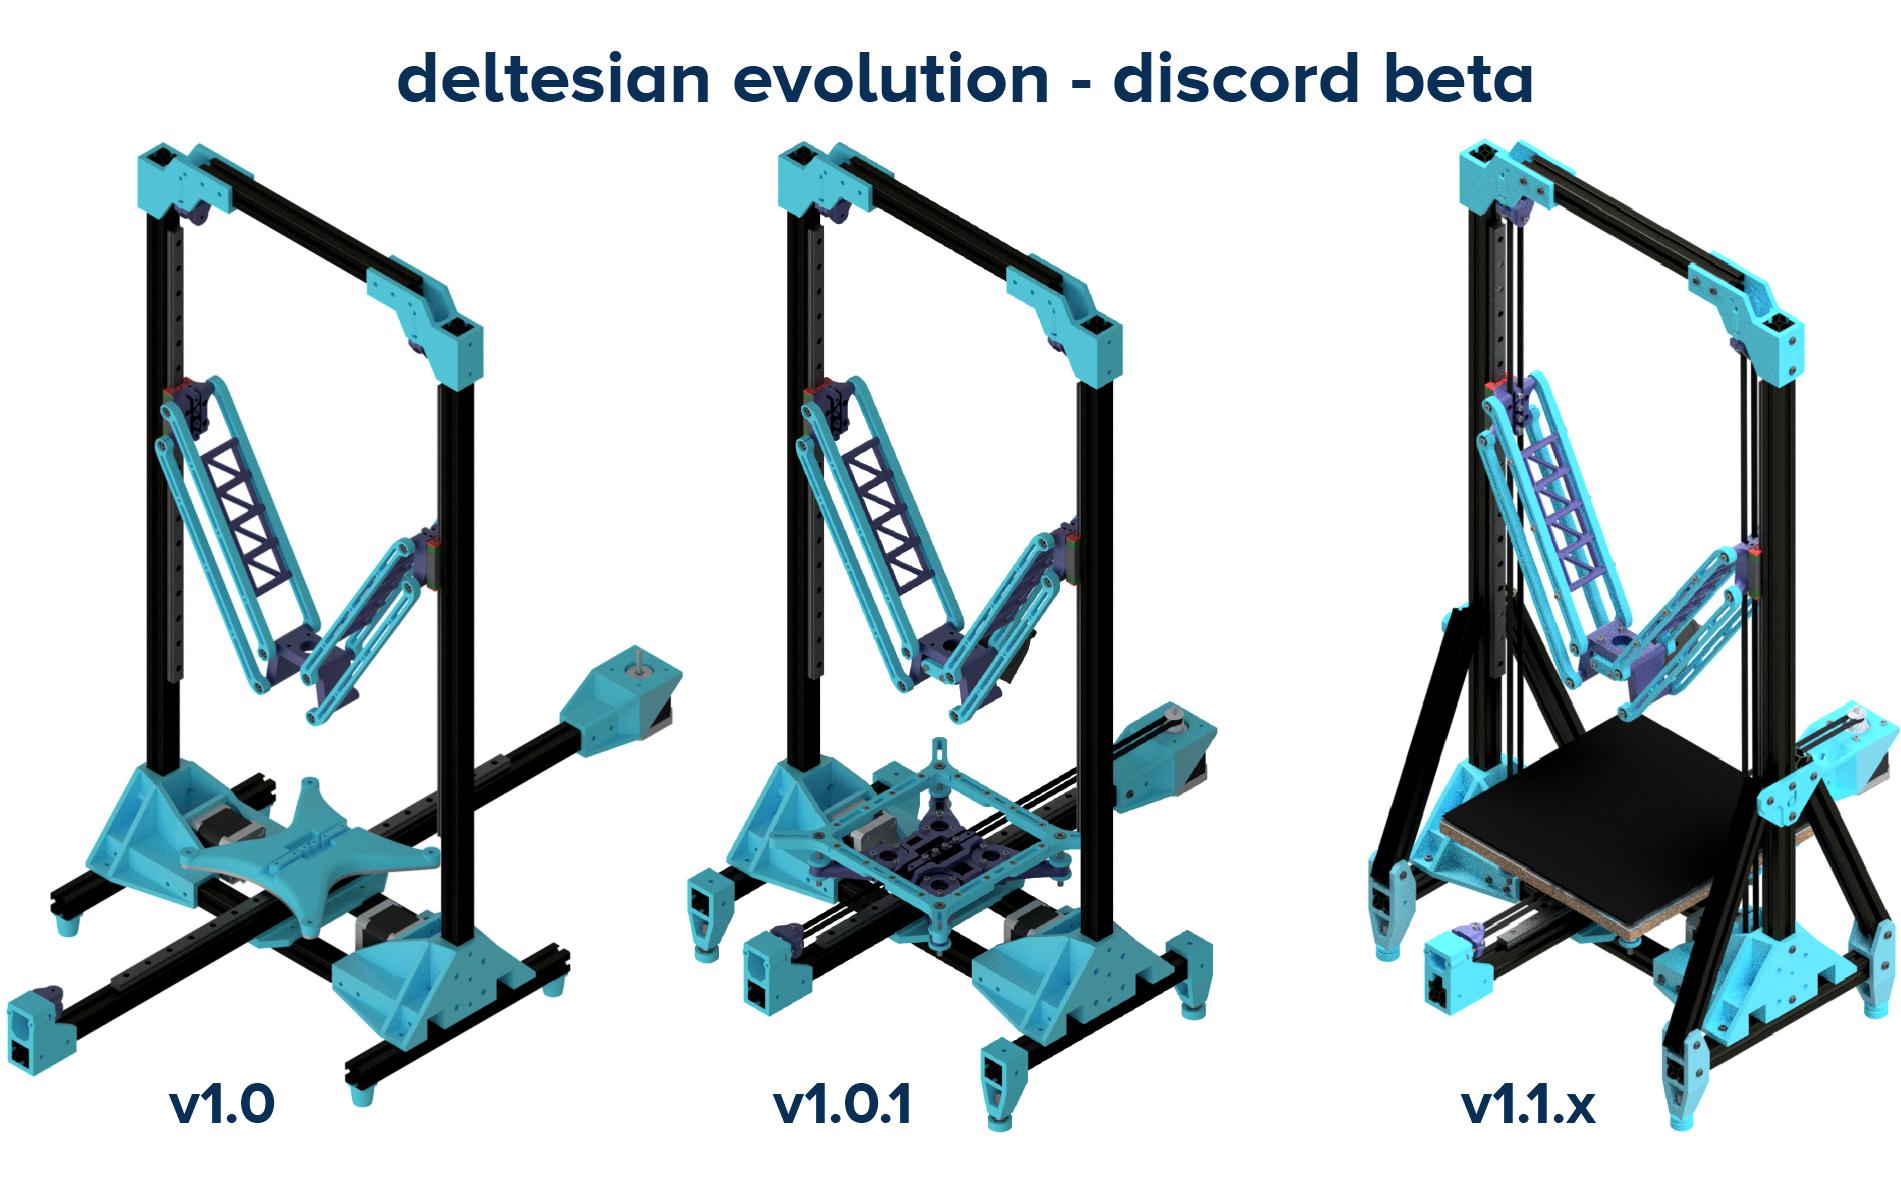 Deltesian-Evolution---v1.0---v1.0.1---v1.1.x-90percentwidth.png